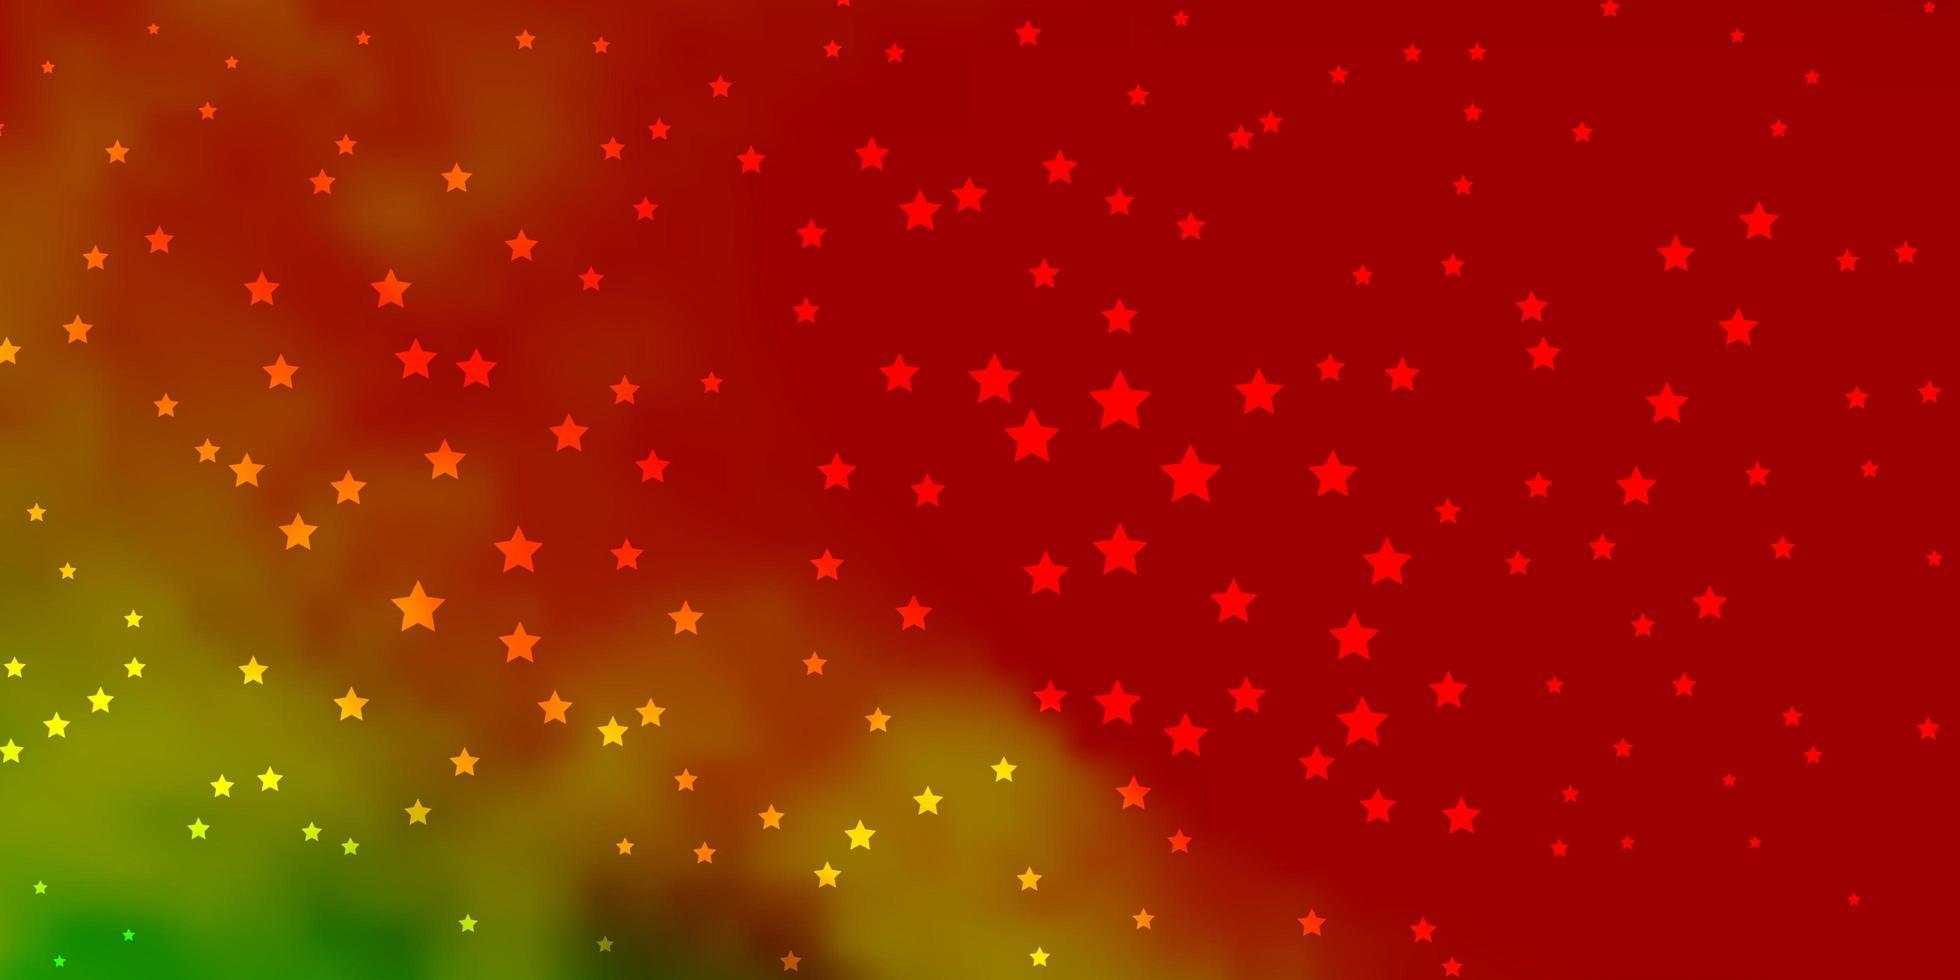 dunkles mehrfarbiges Vektorlayout mit hellen Sternen. vektor